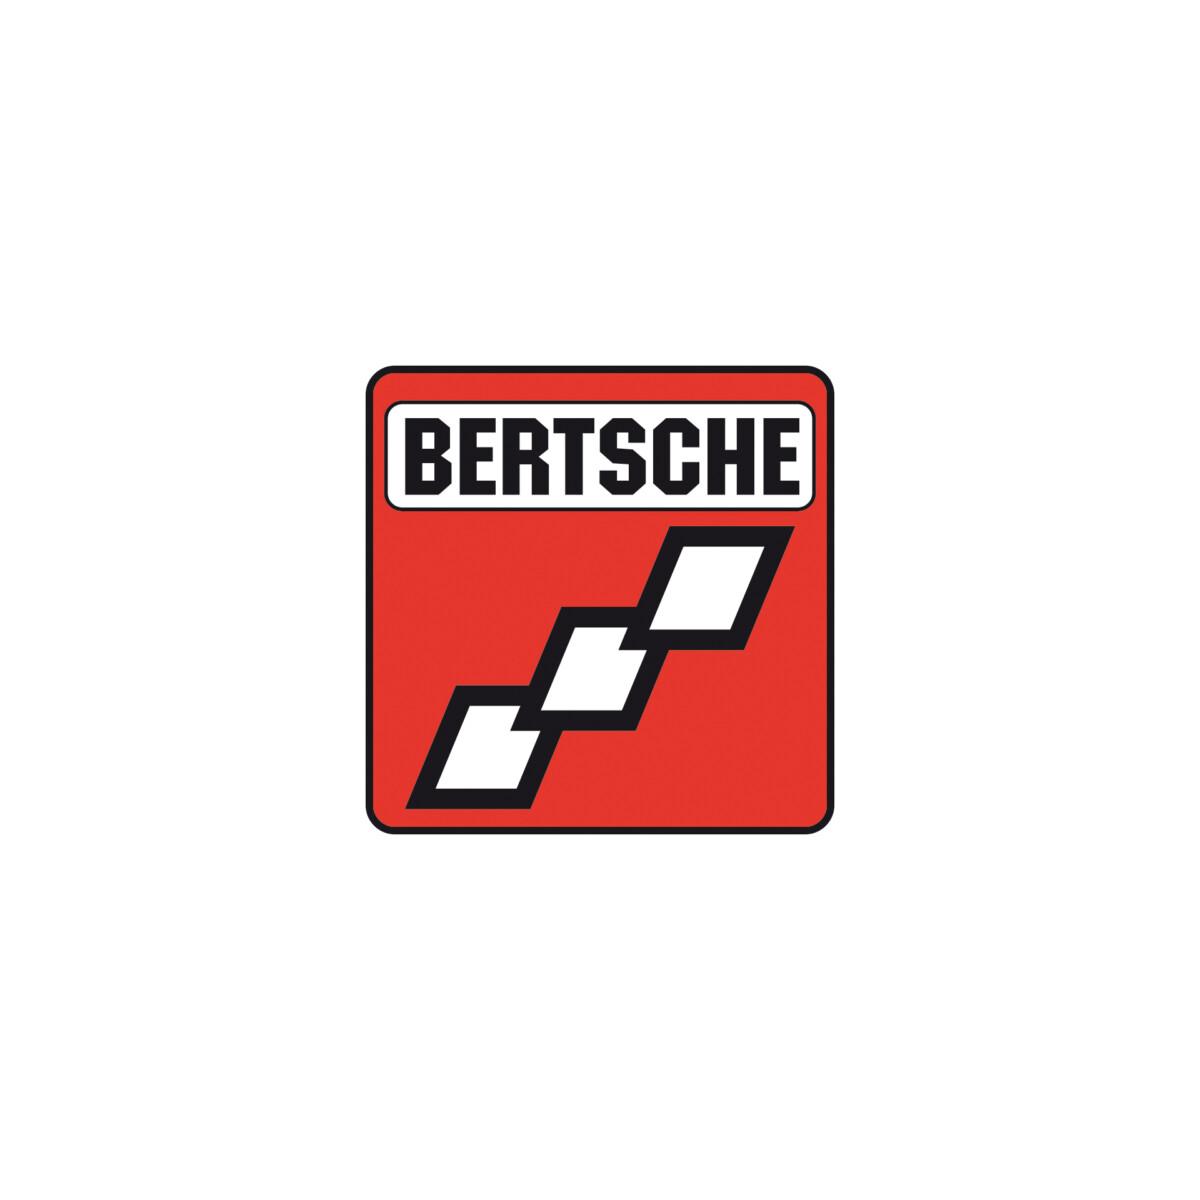 Bertsche